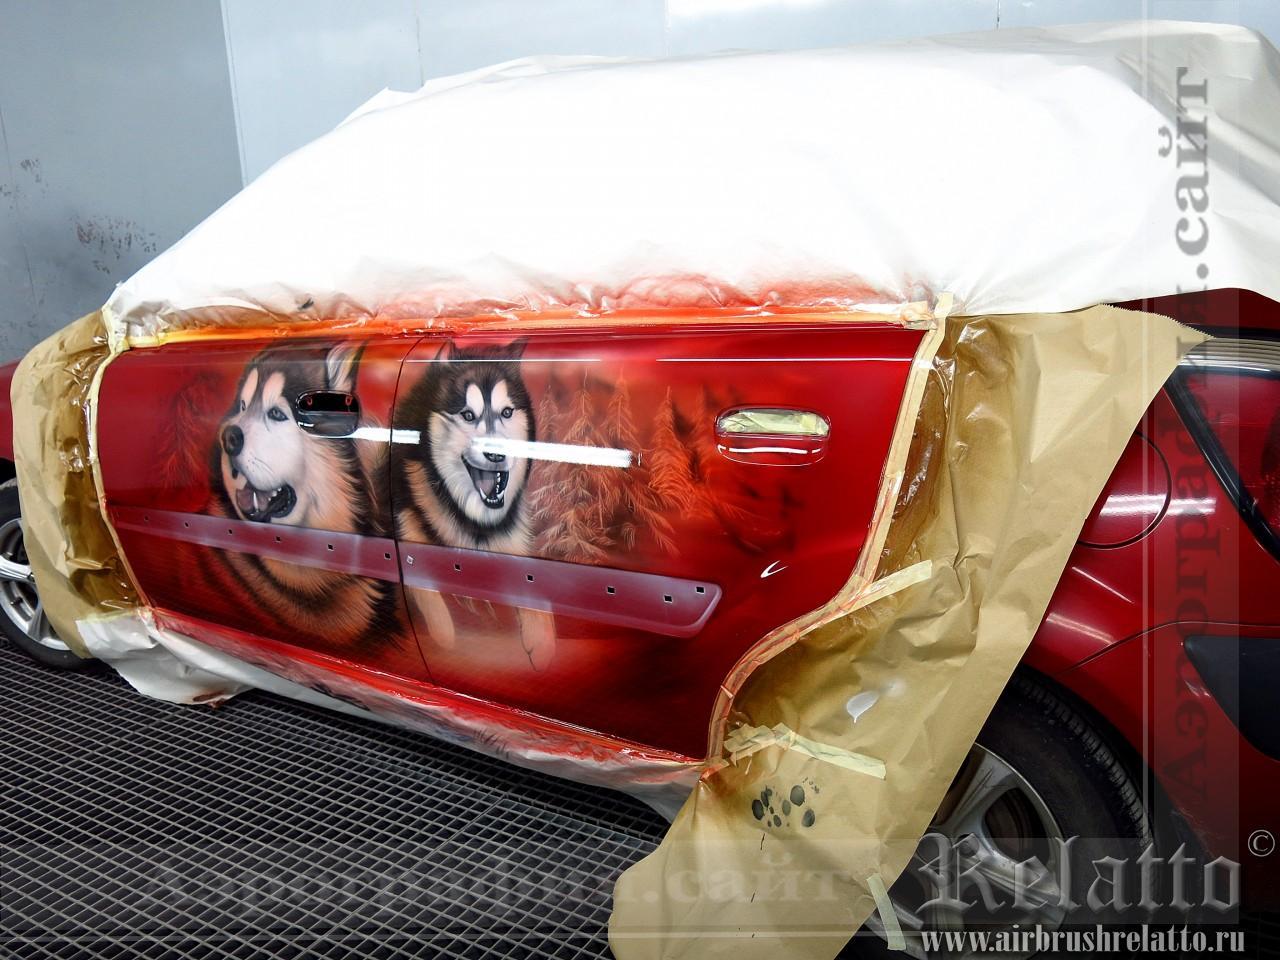 Аэрография на красном автомобиле - Лайки